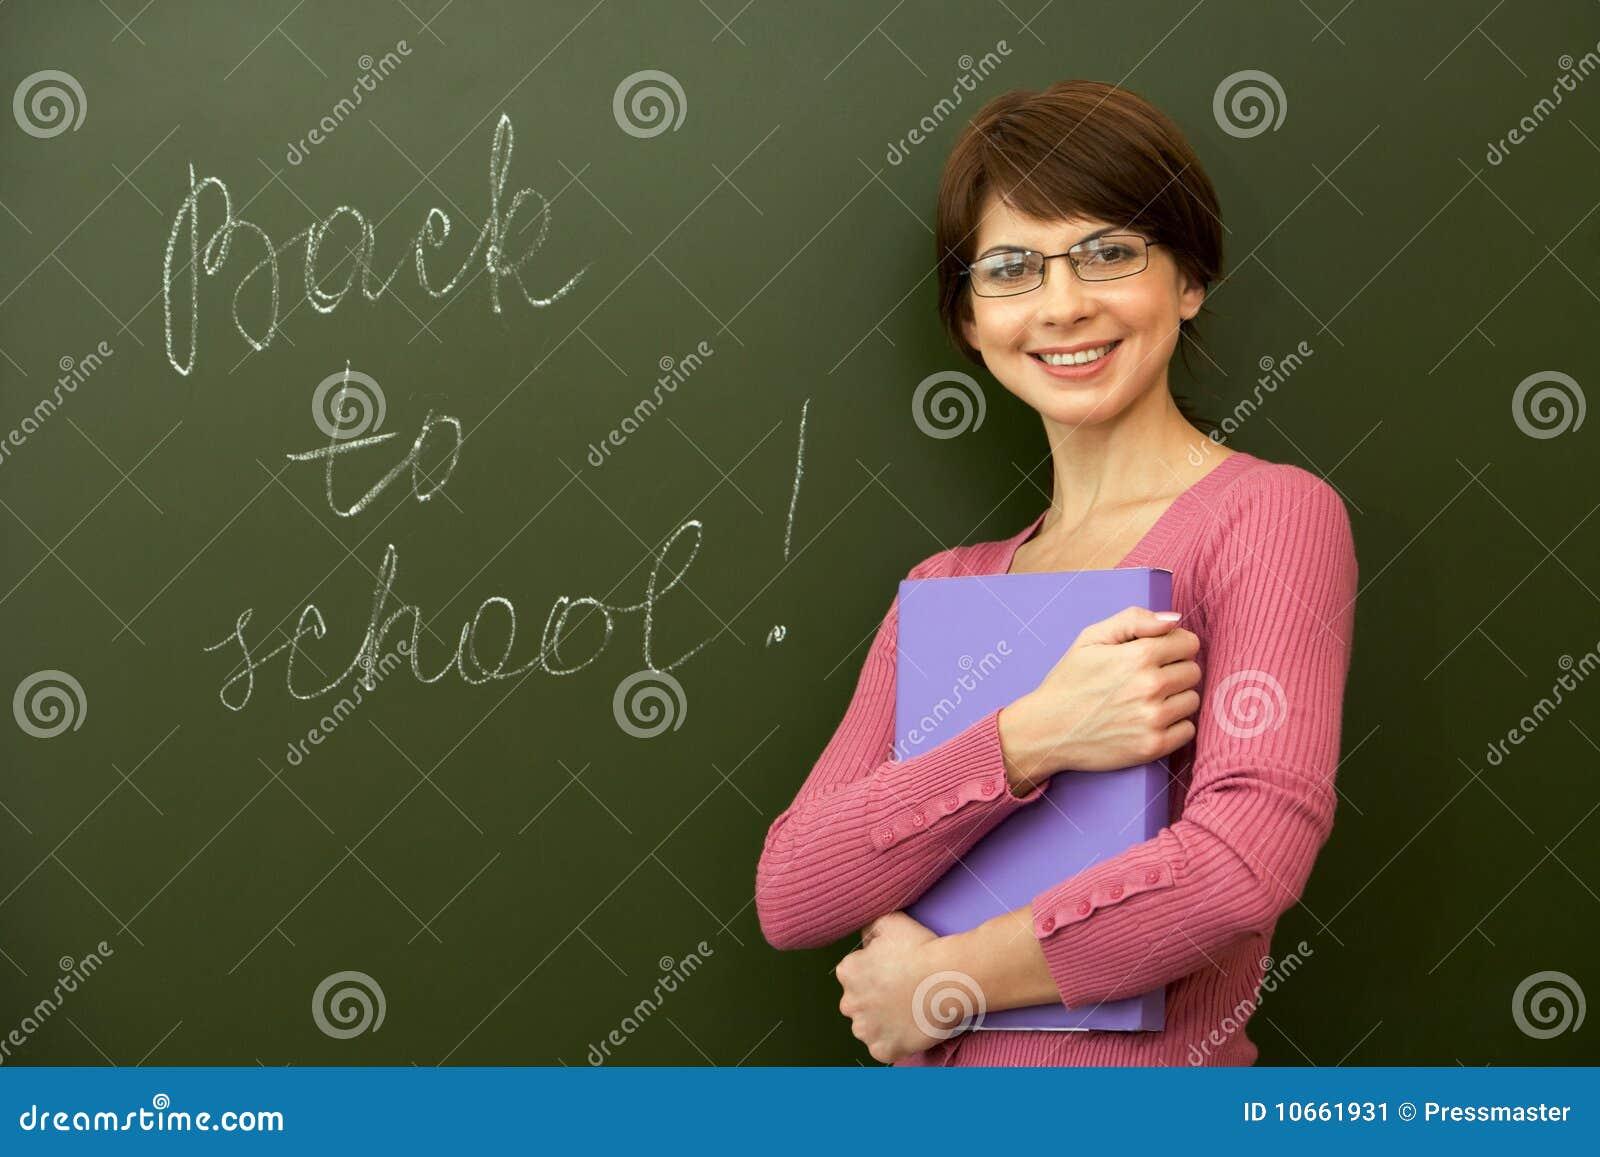 Фото молодая учительница 28 фотография